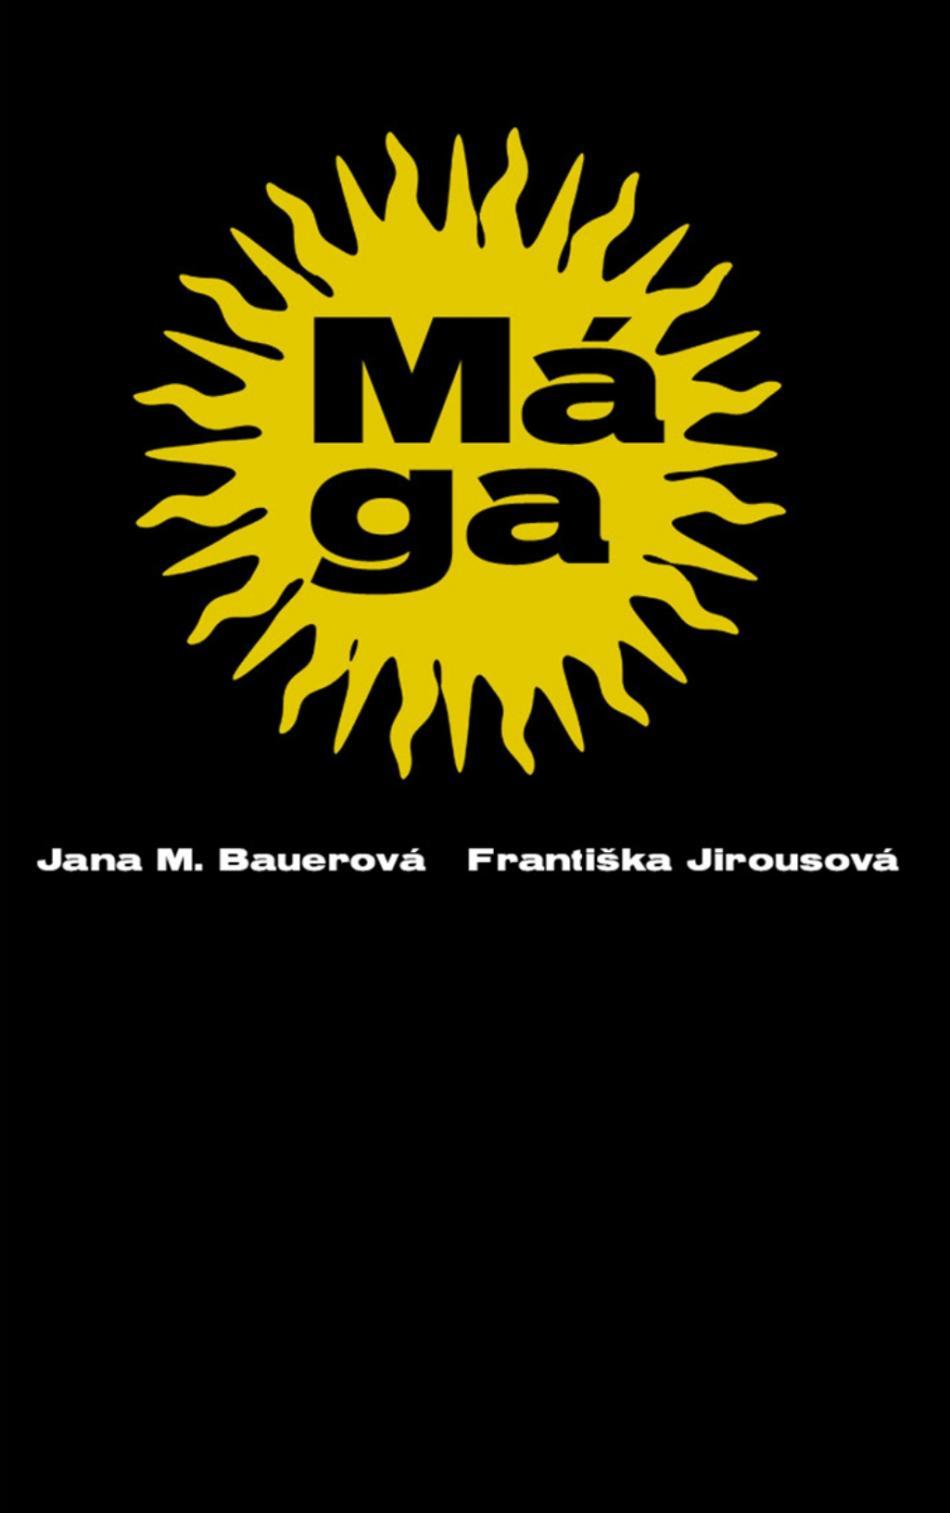 Jana M. Bauerová, Františka Jirousová / Mága